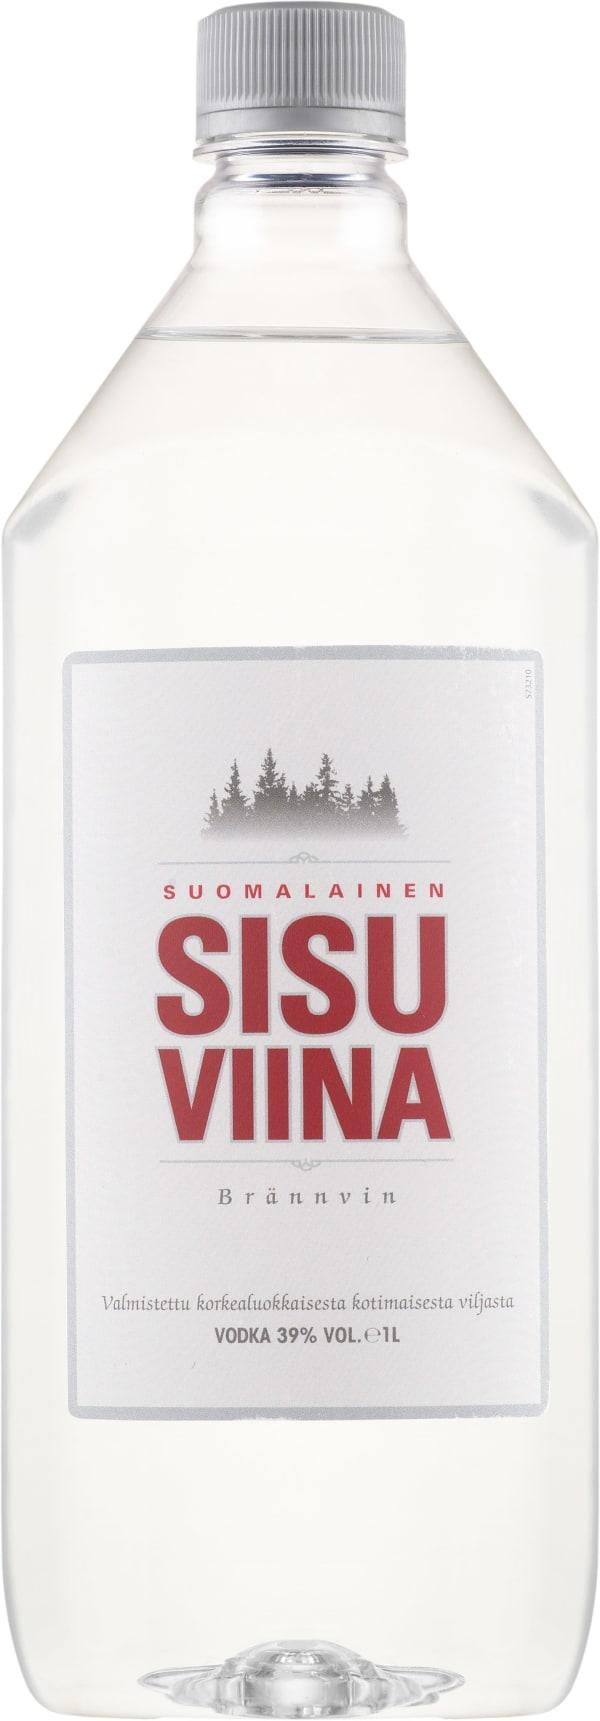 Sisuviina plastic bottle